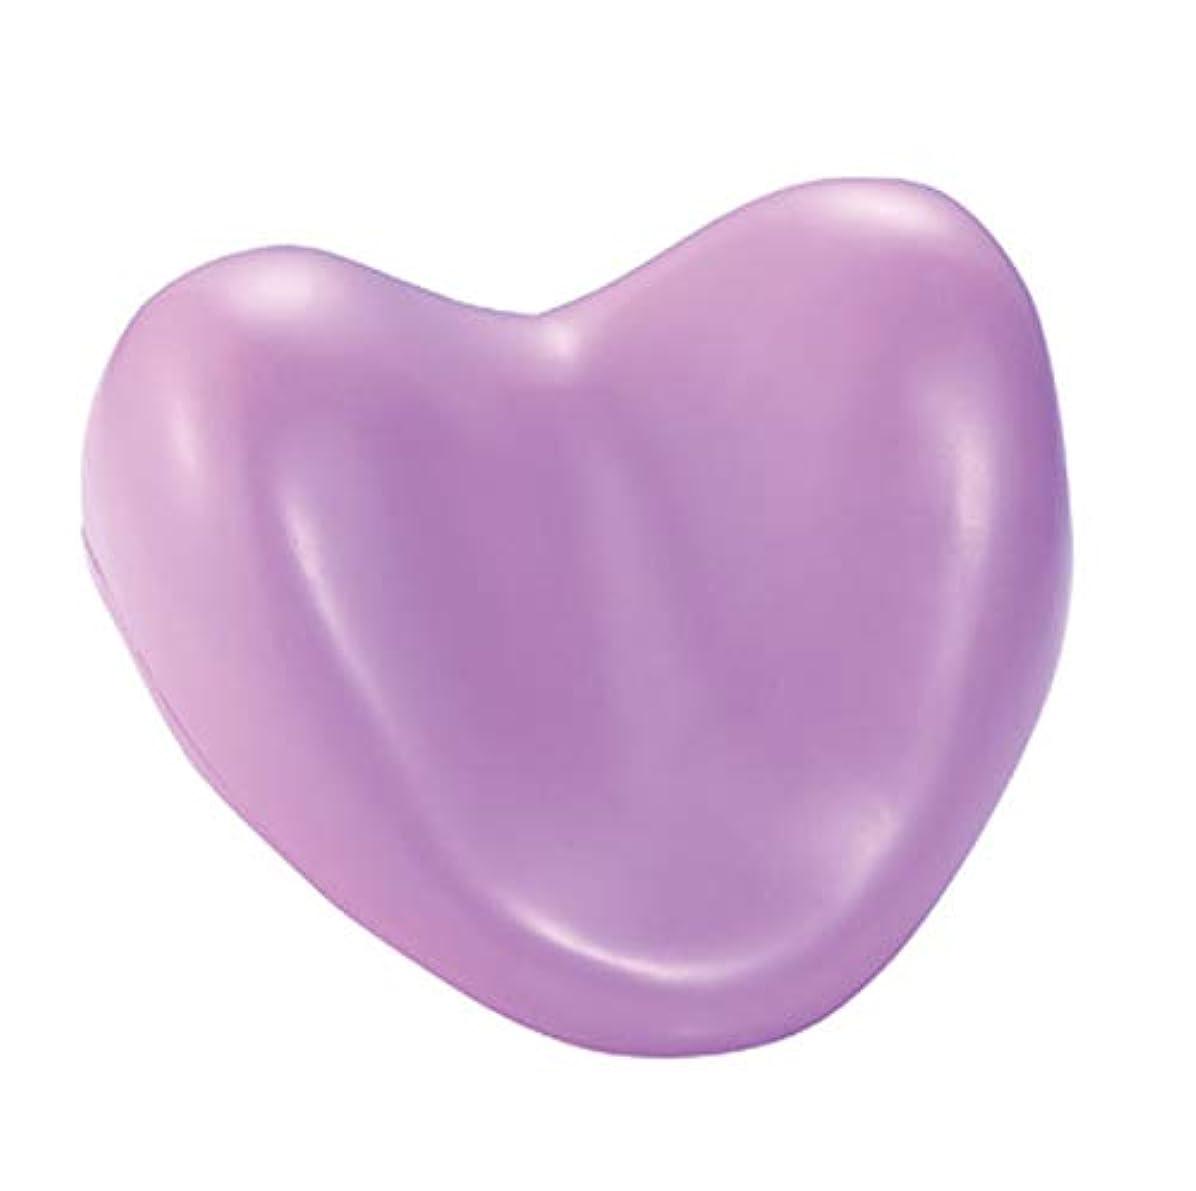 ゆでるアパートセラフサクションカップ付きウェルネスバスピローハート型PUフォームサポート枕温水浴槽とスパ浴槽,Purple